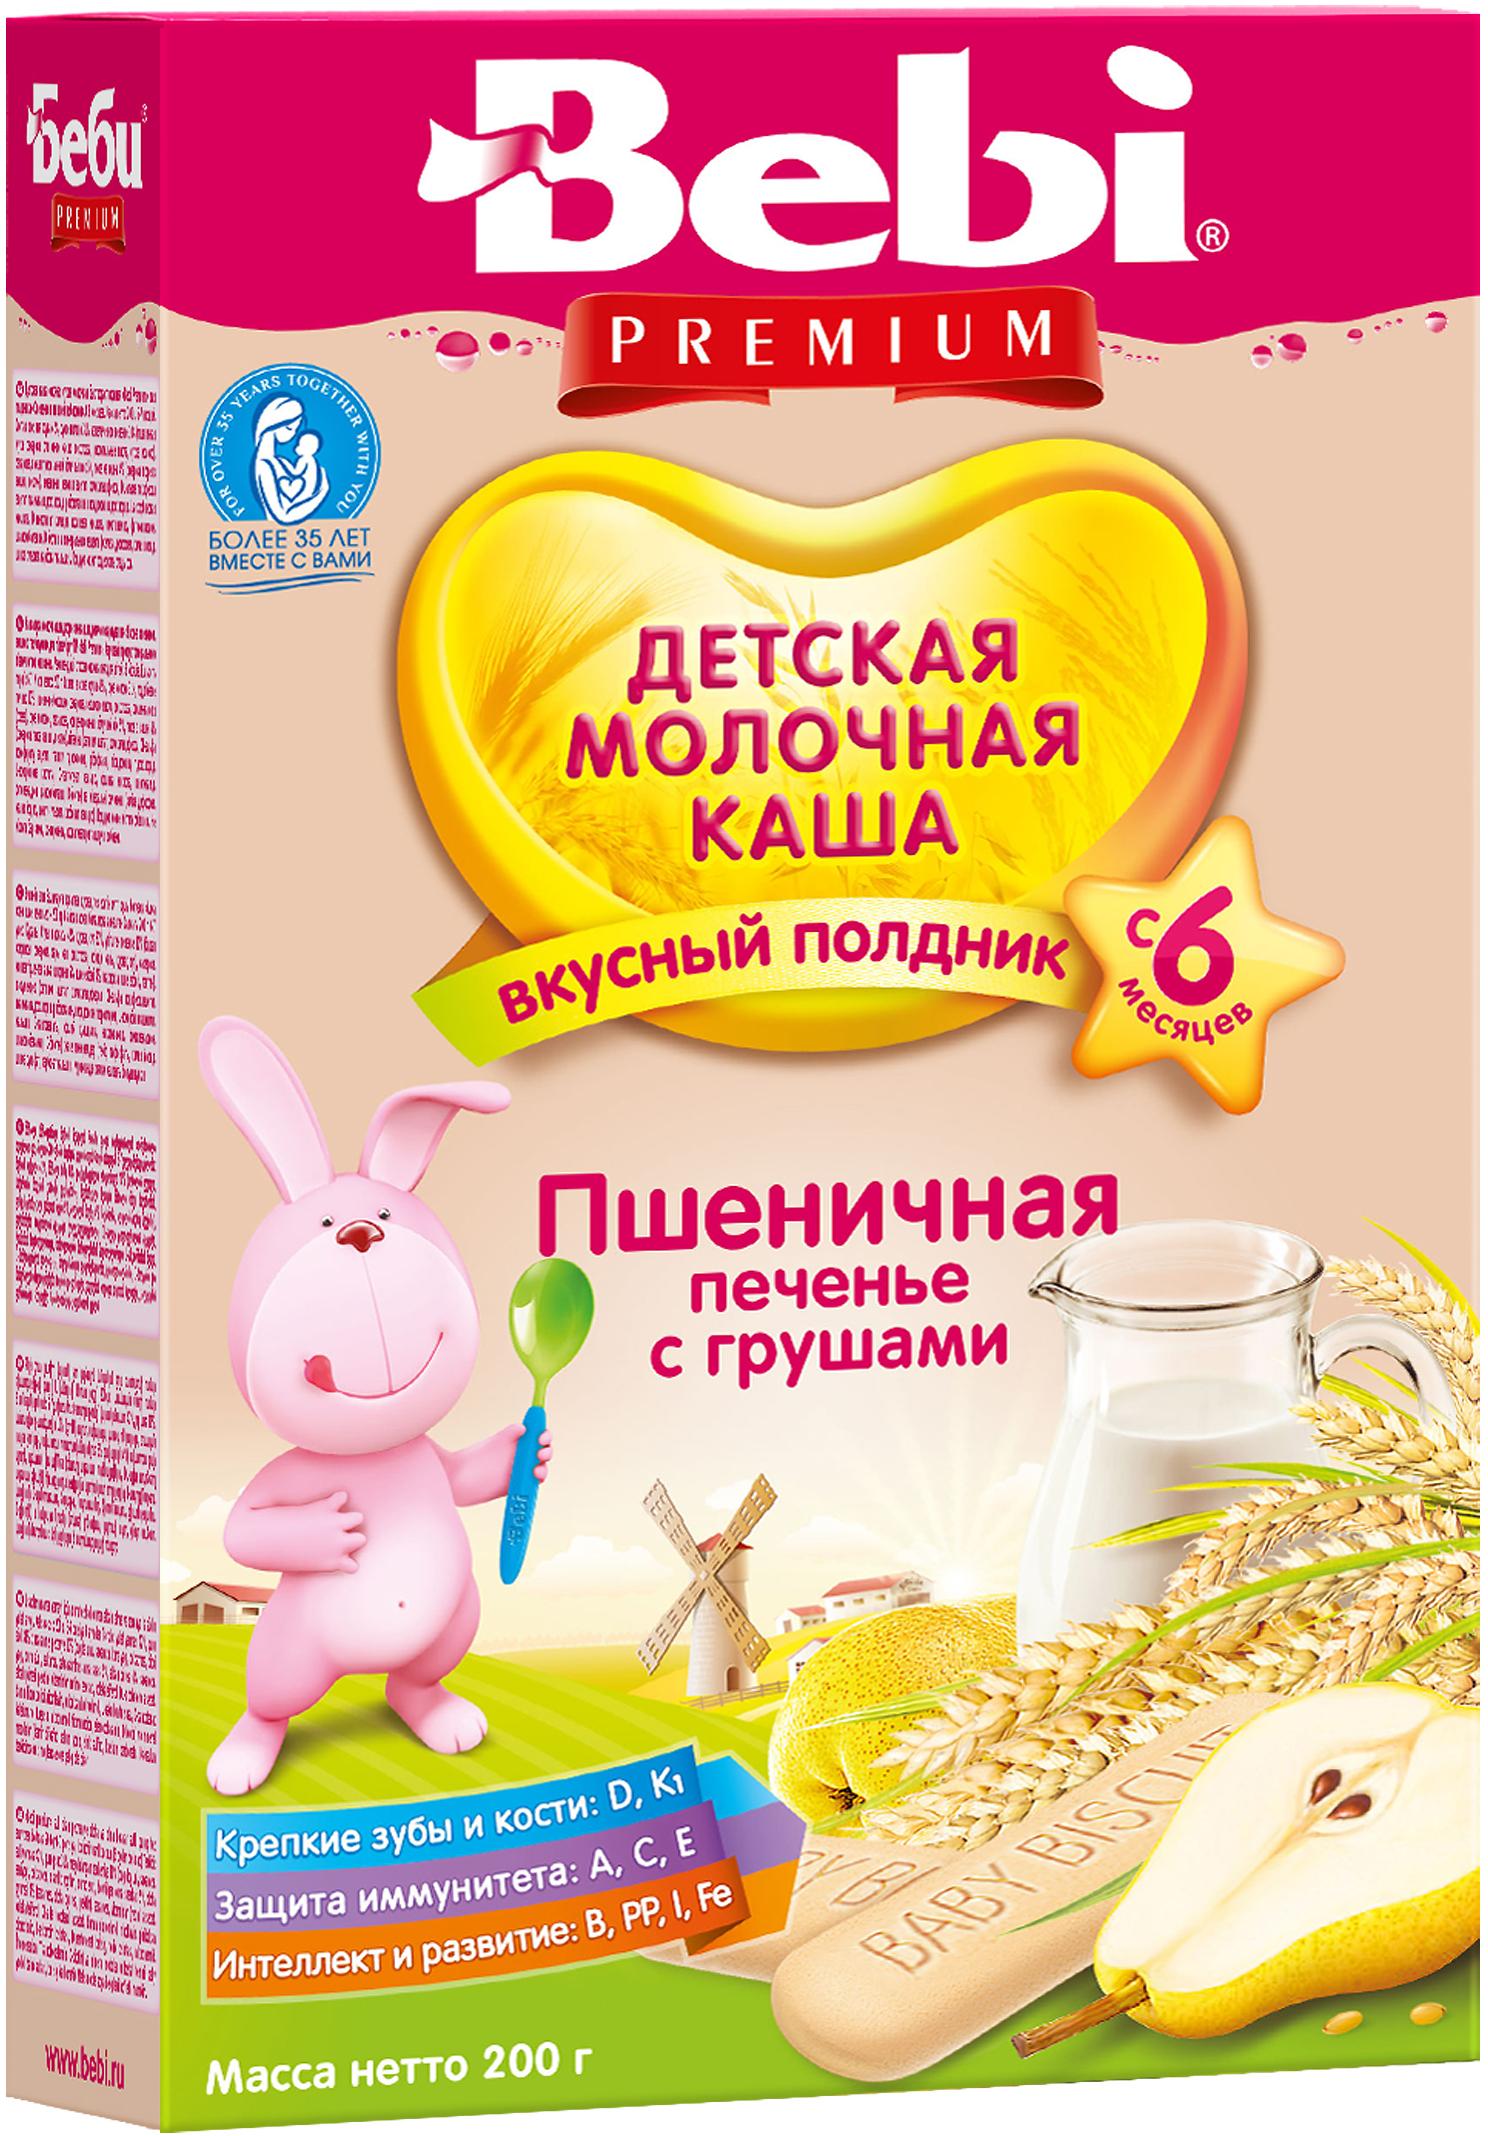 Каши Bebi Каша молочная Bebi Premium пшеничная печенье с грушами для полдника с 6 мес. 200 г каши bebi молочная каша premium 7 злаков с 6 мес 200 г